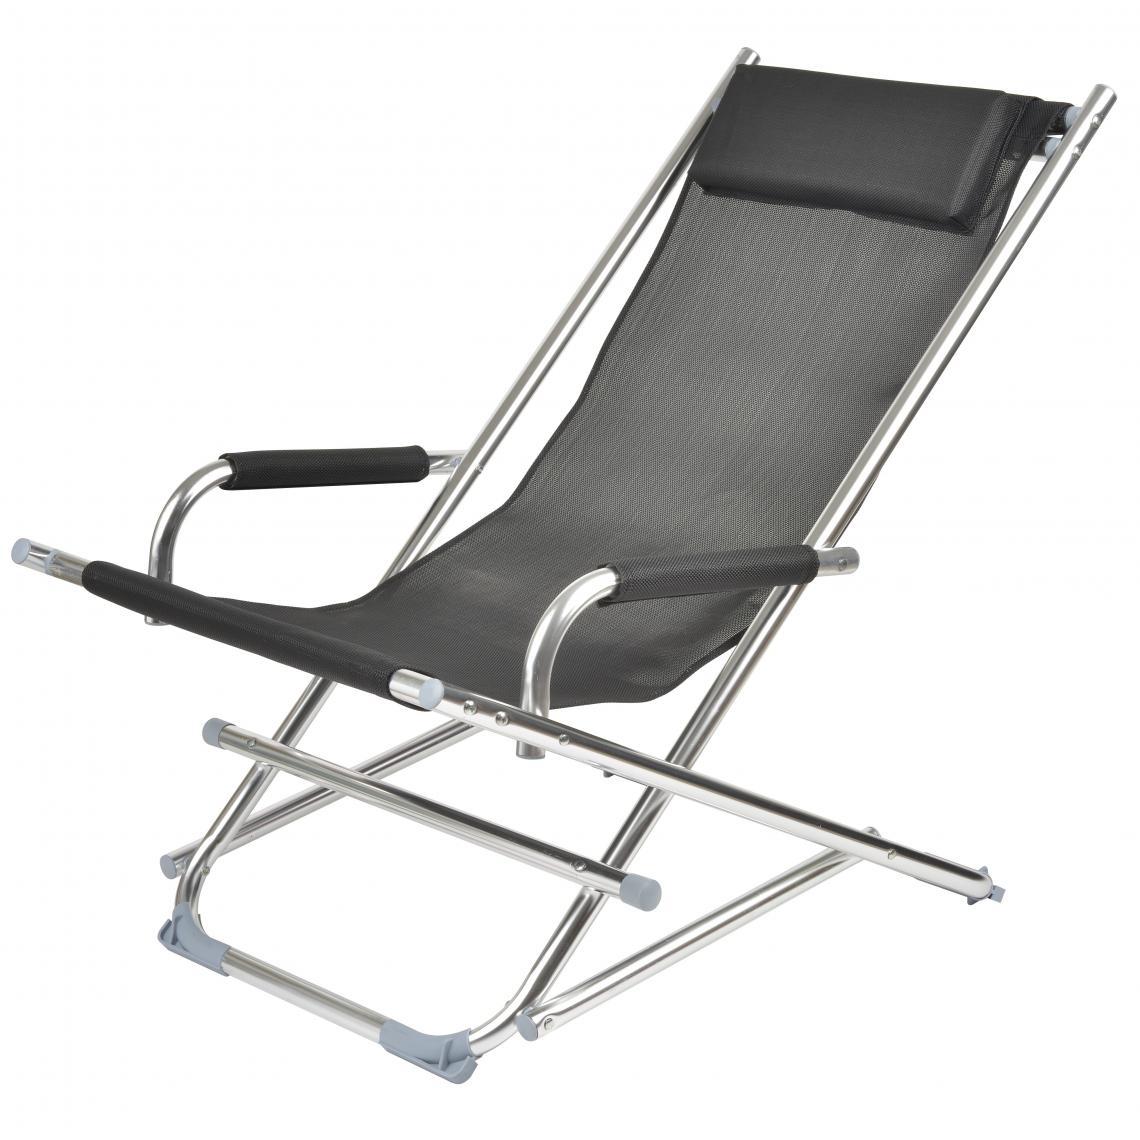 3 suisses chaises longues